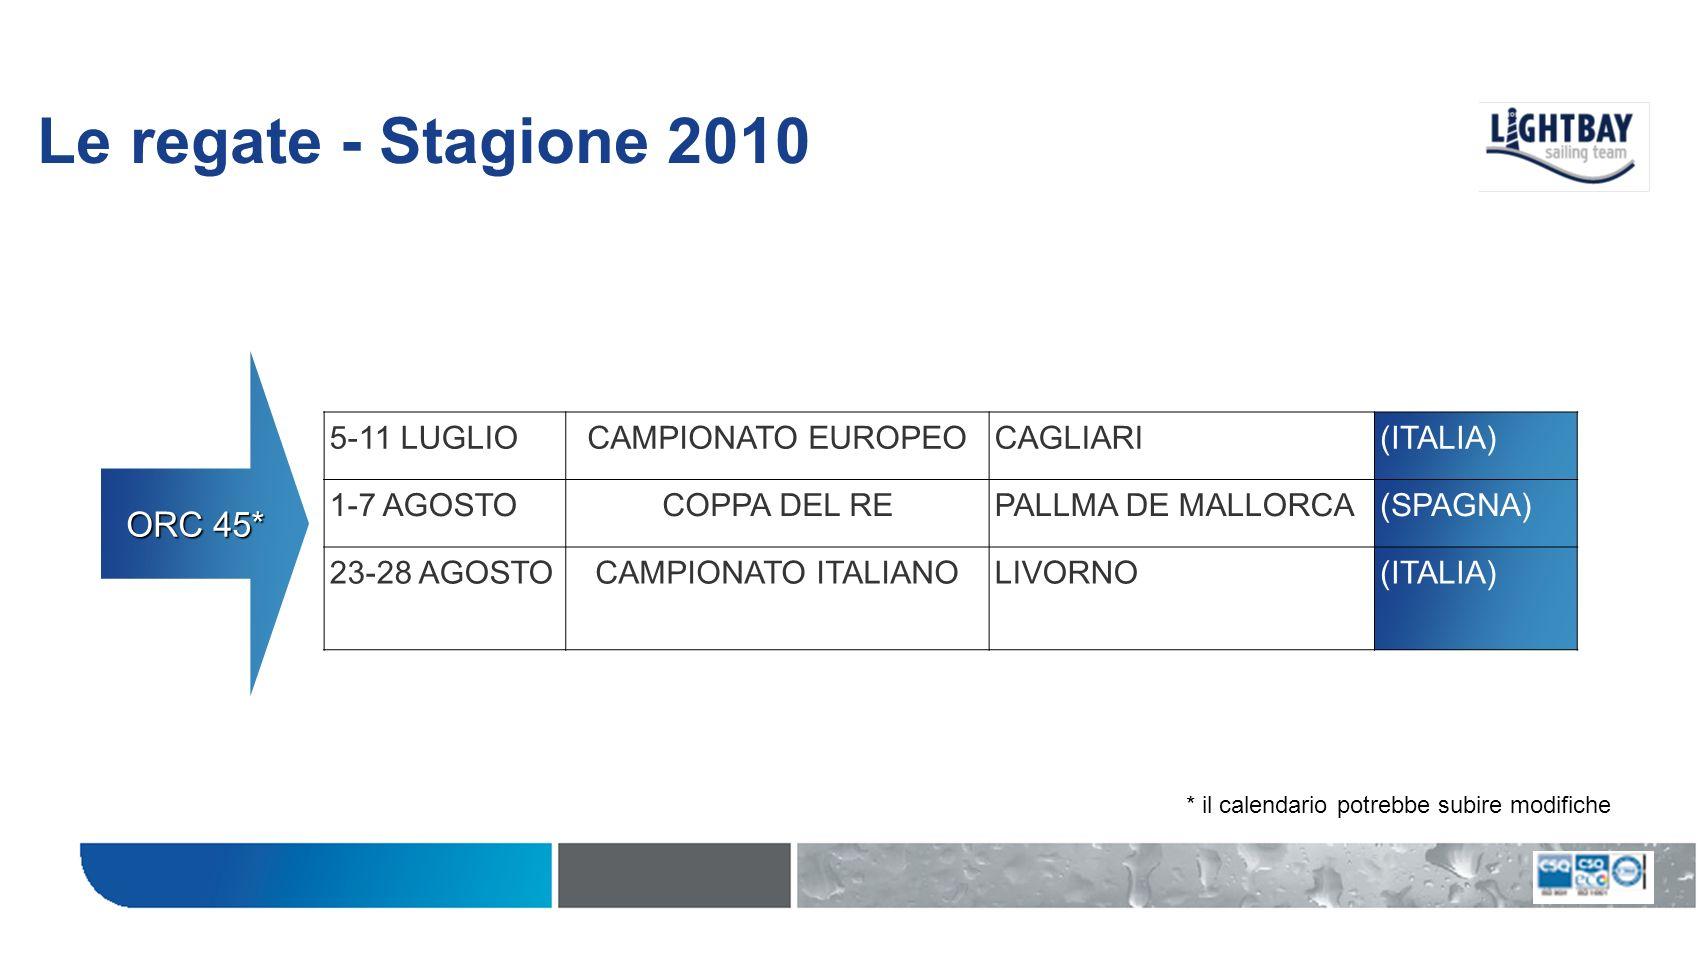 Calendario Coppa Del Re.Lightbay Sailing Team Video Contest Ppt Scaricare